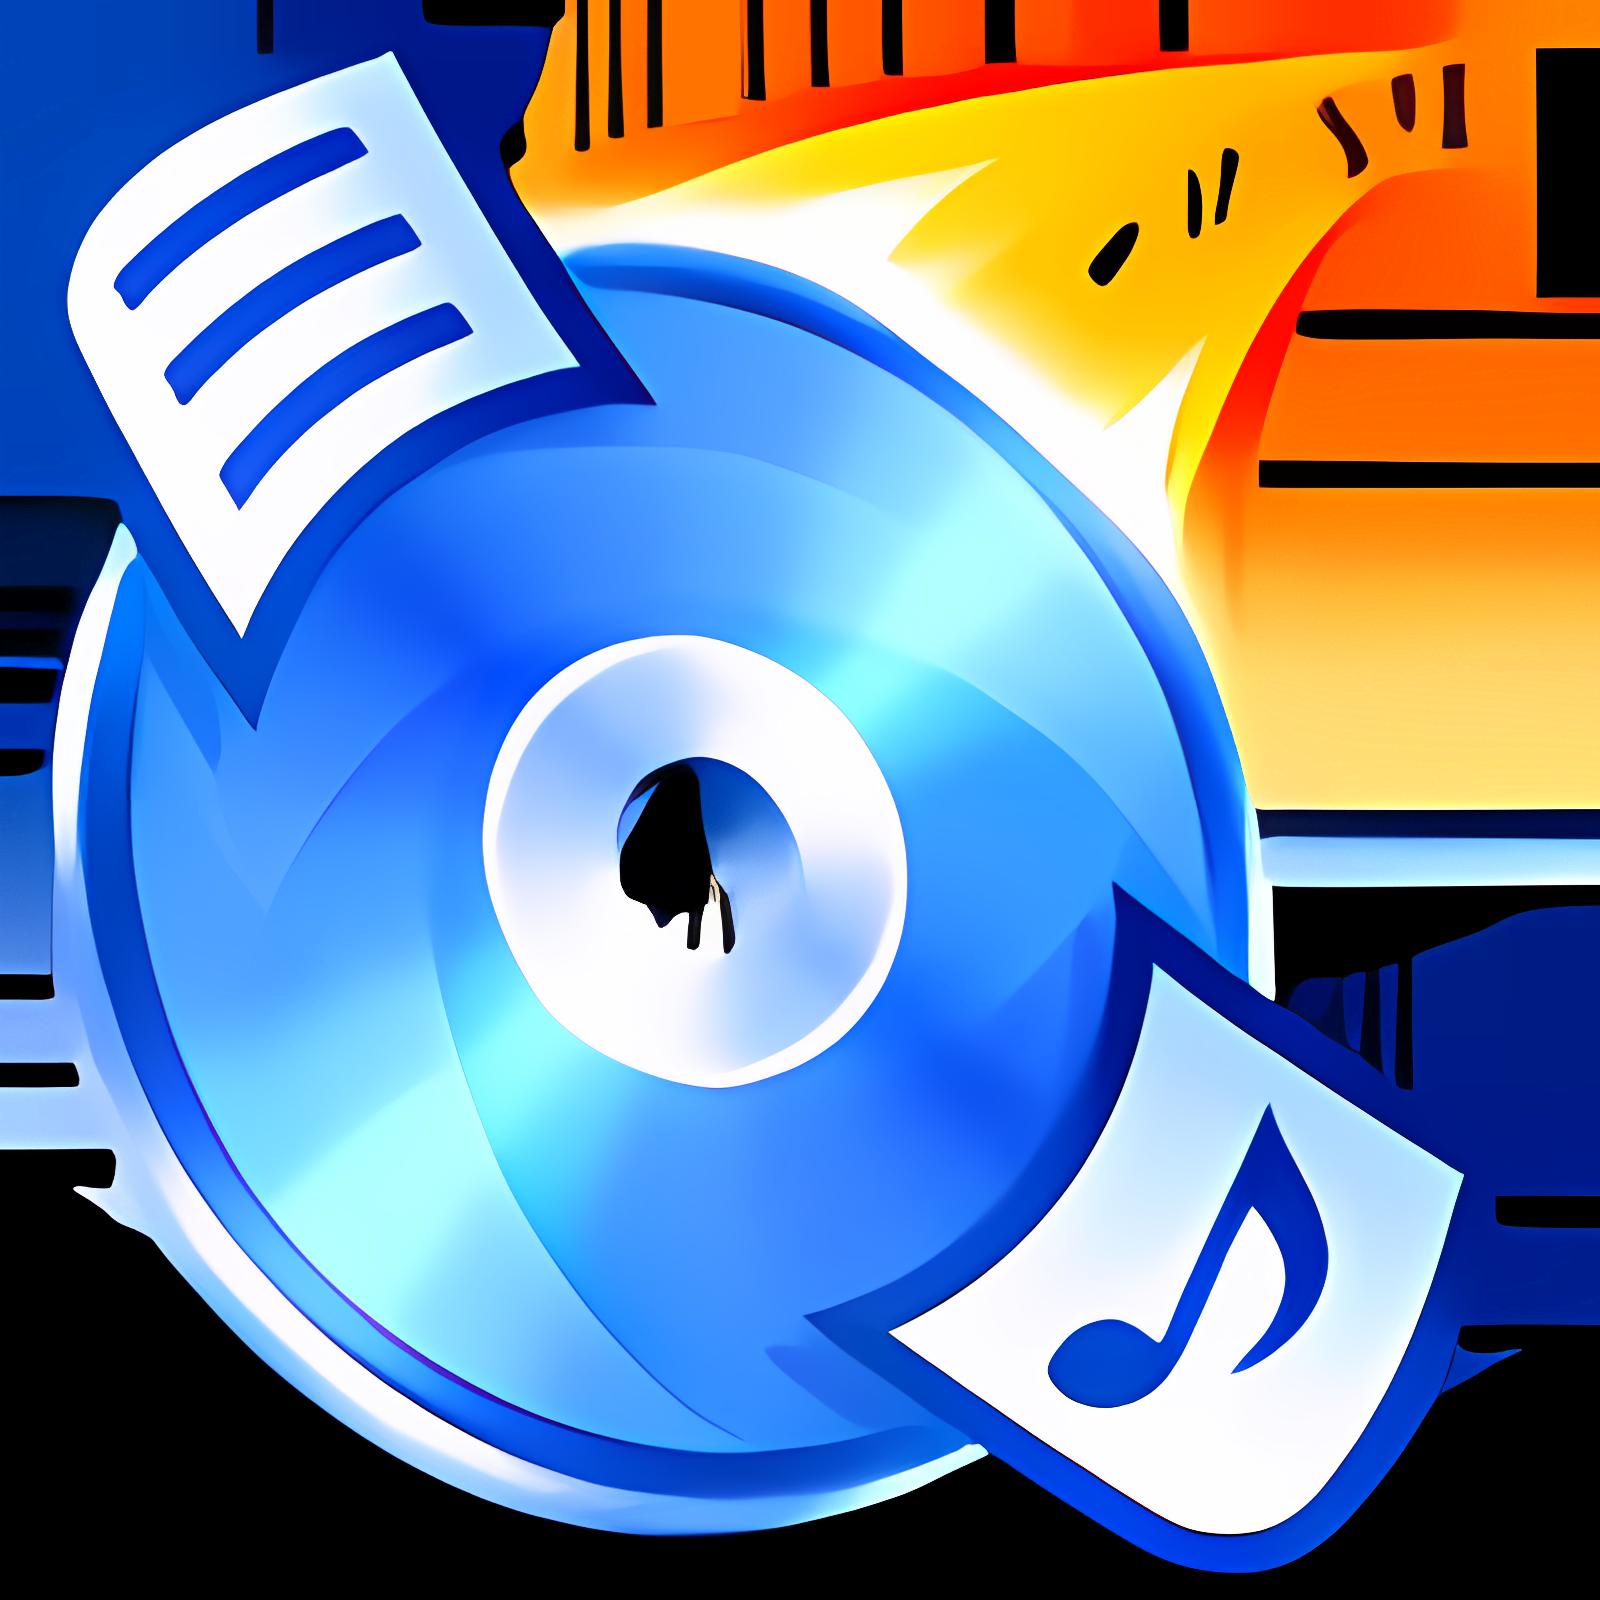 CDBurnerXP Portable 4.5.3.4746